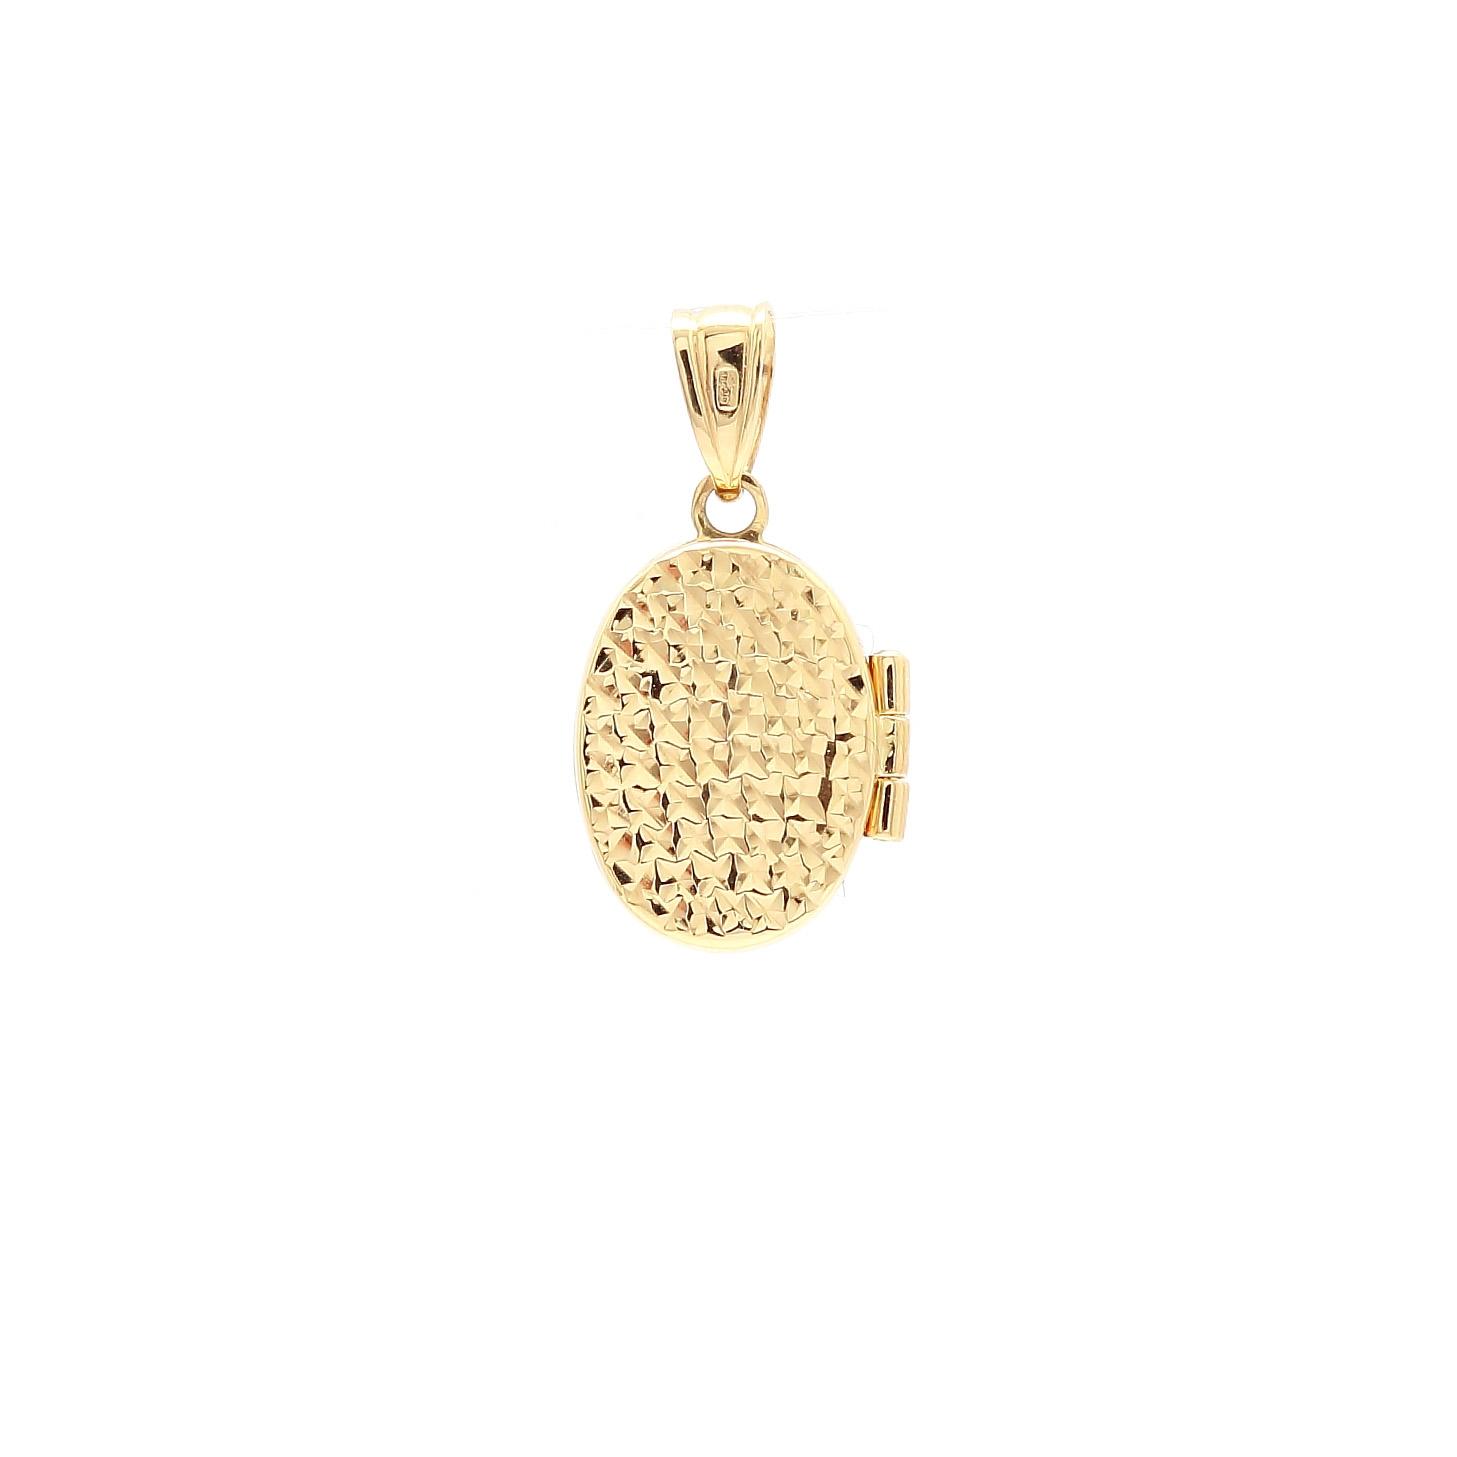 ... 1 zlatý gravírovaný medailón na fotku 2 d0e989faf44